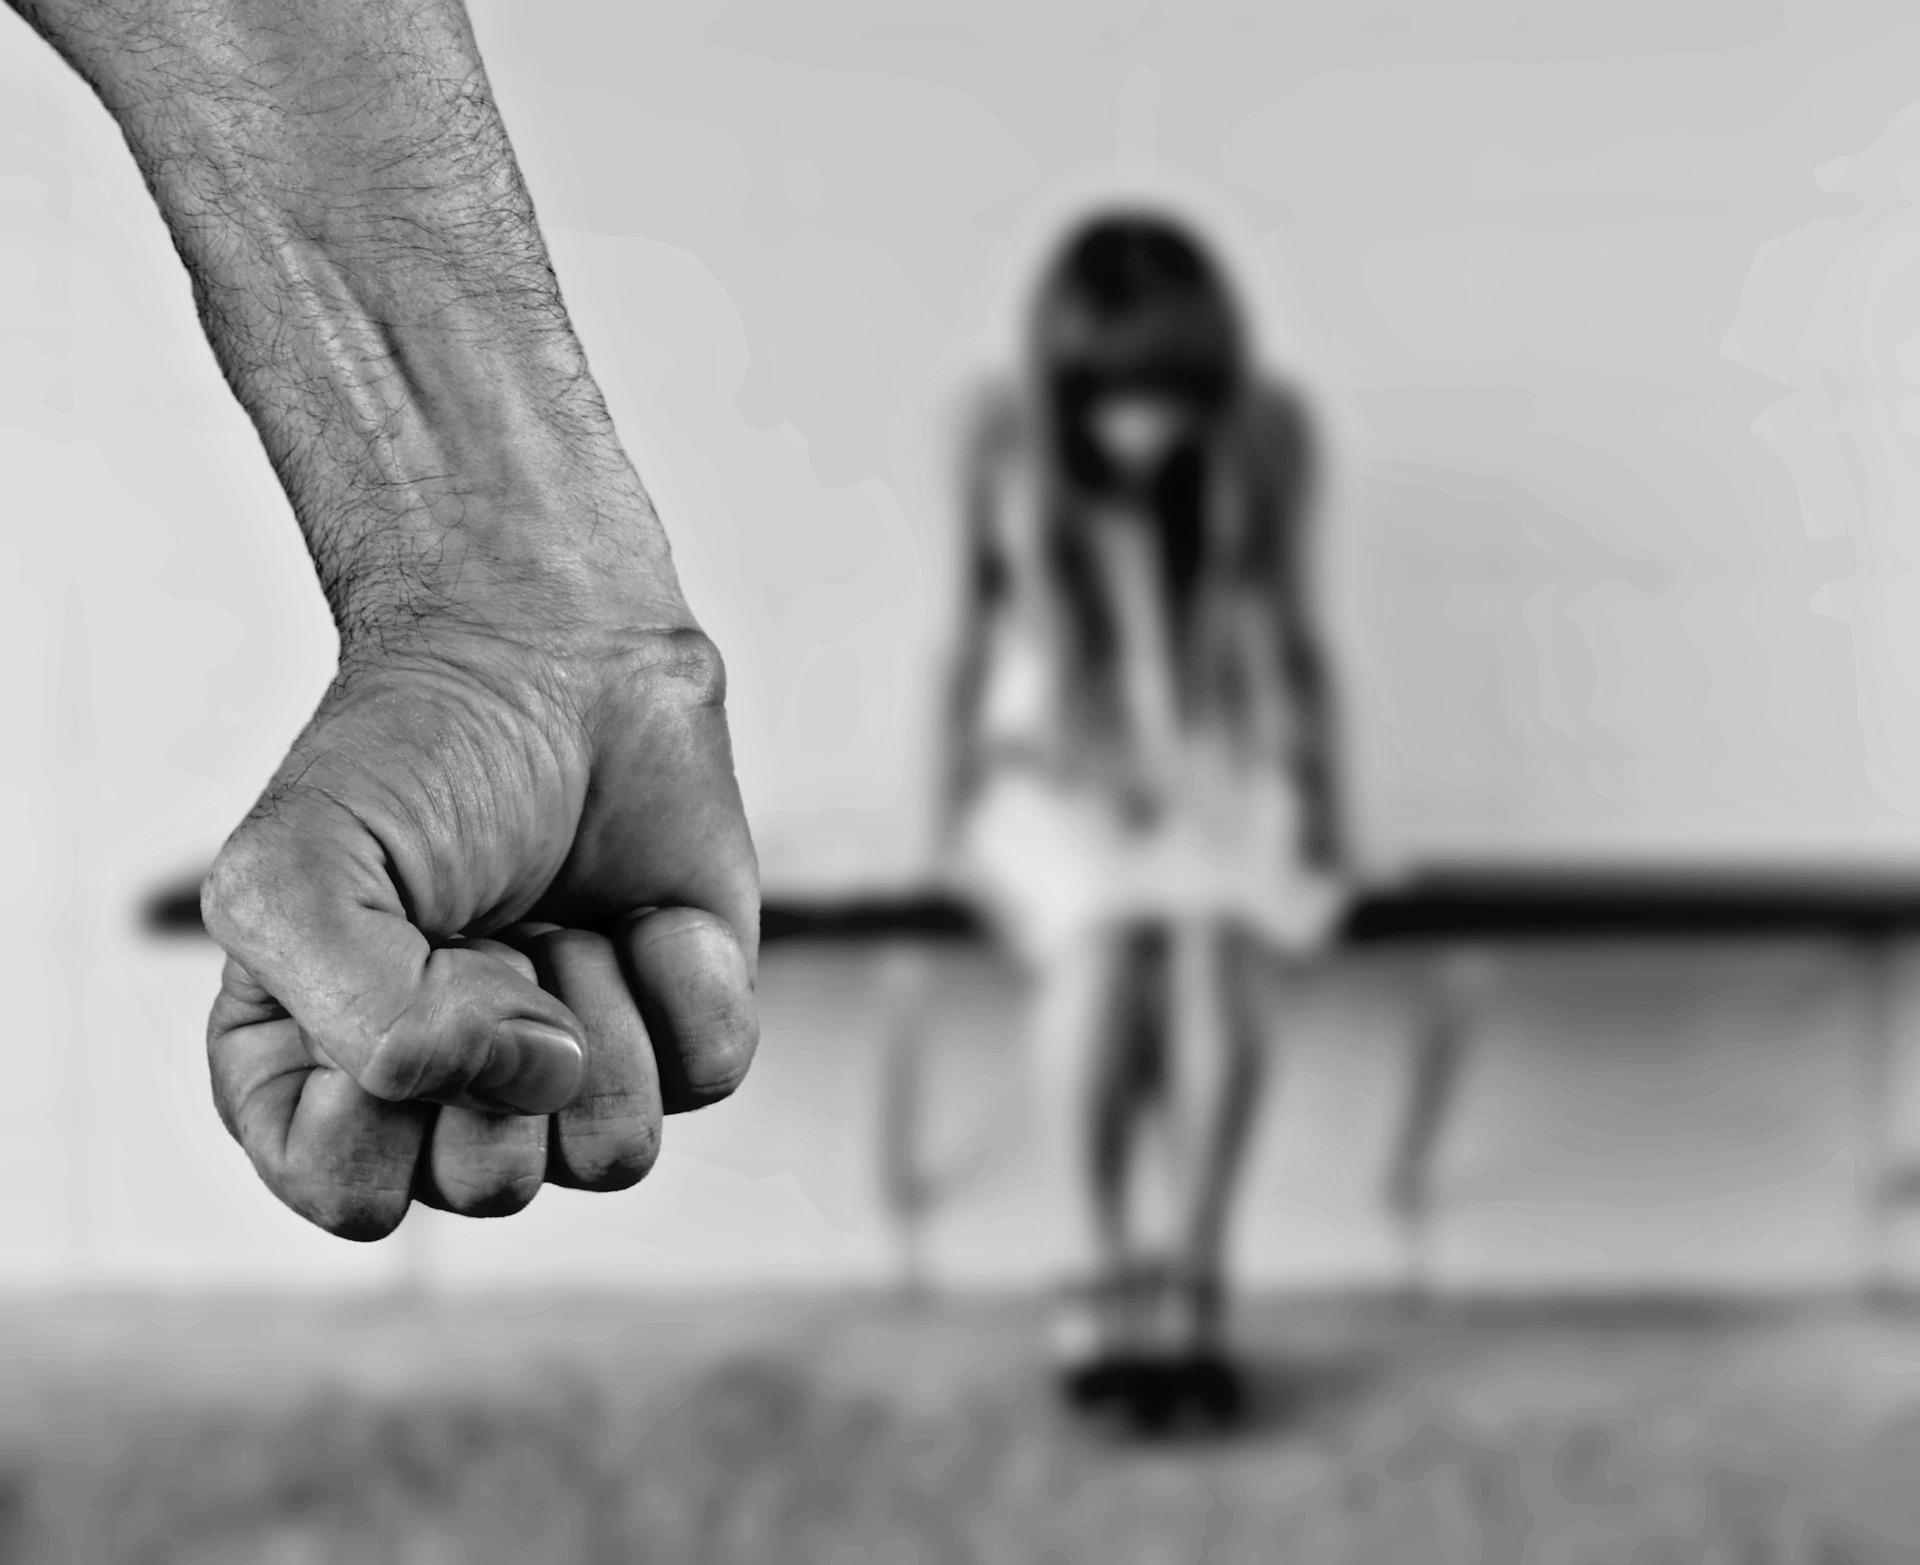 Напал и притянул к себе. Неизвестный попытался изнасиловать шестилетнюю девочку в Омске